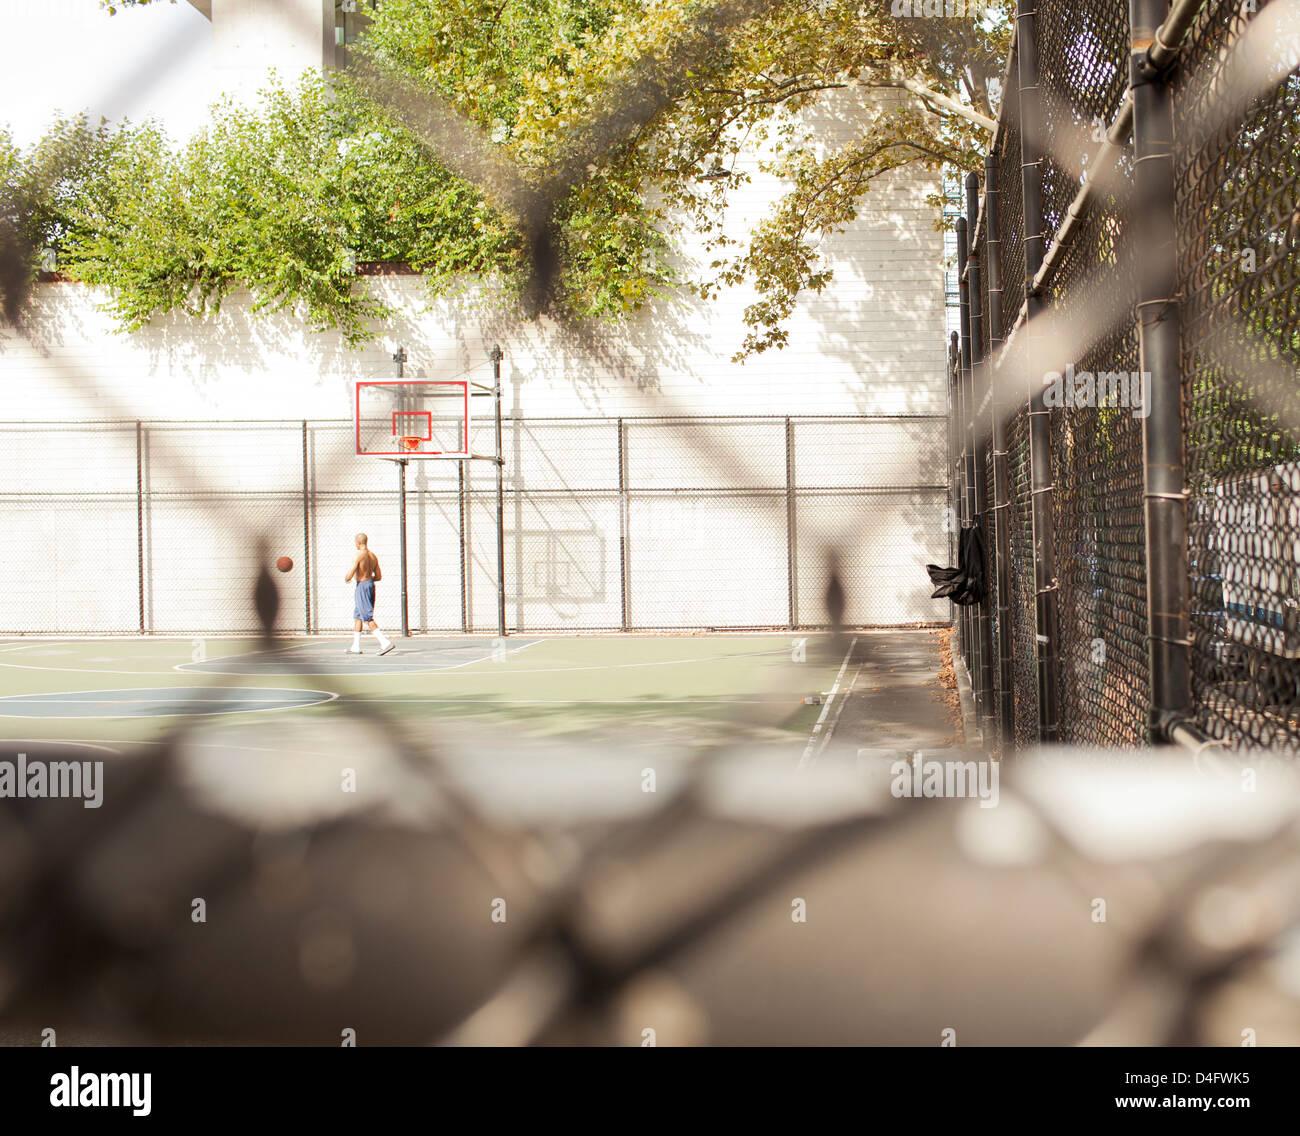 Hombre jugando baloncesto de corte urbano Imagen De Stock